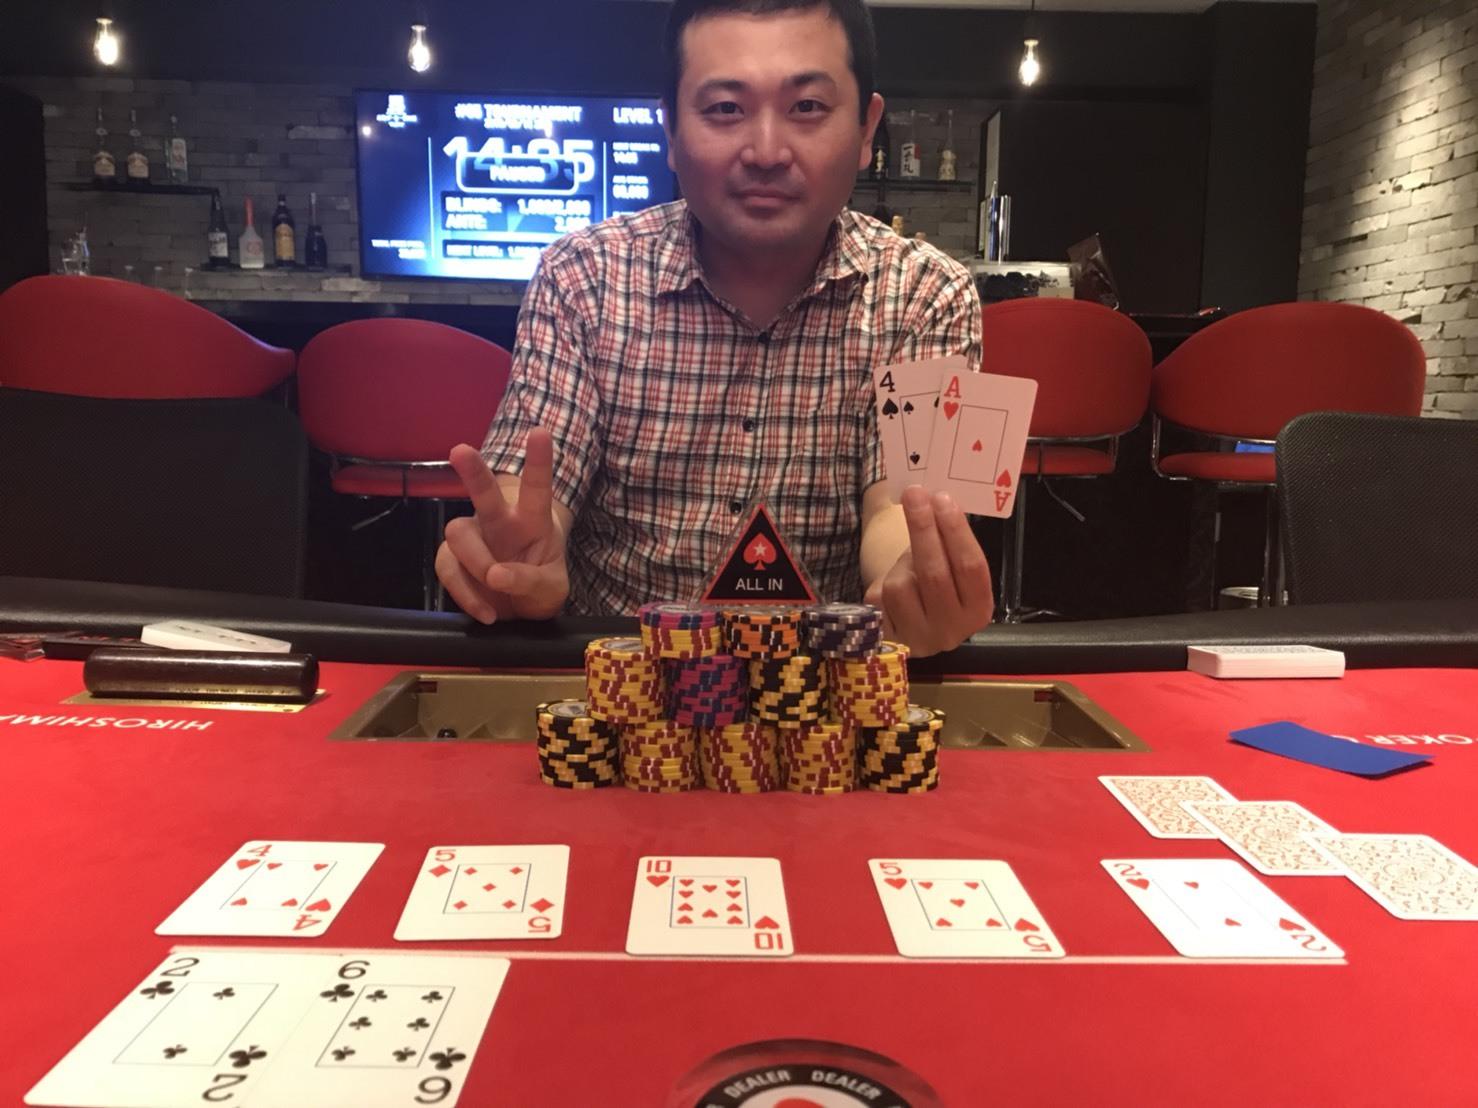 #65winner